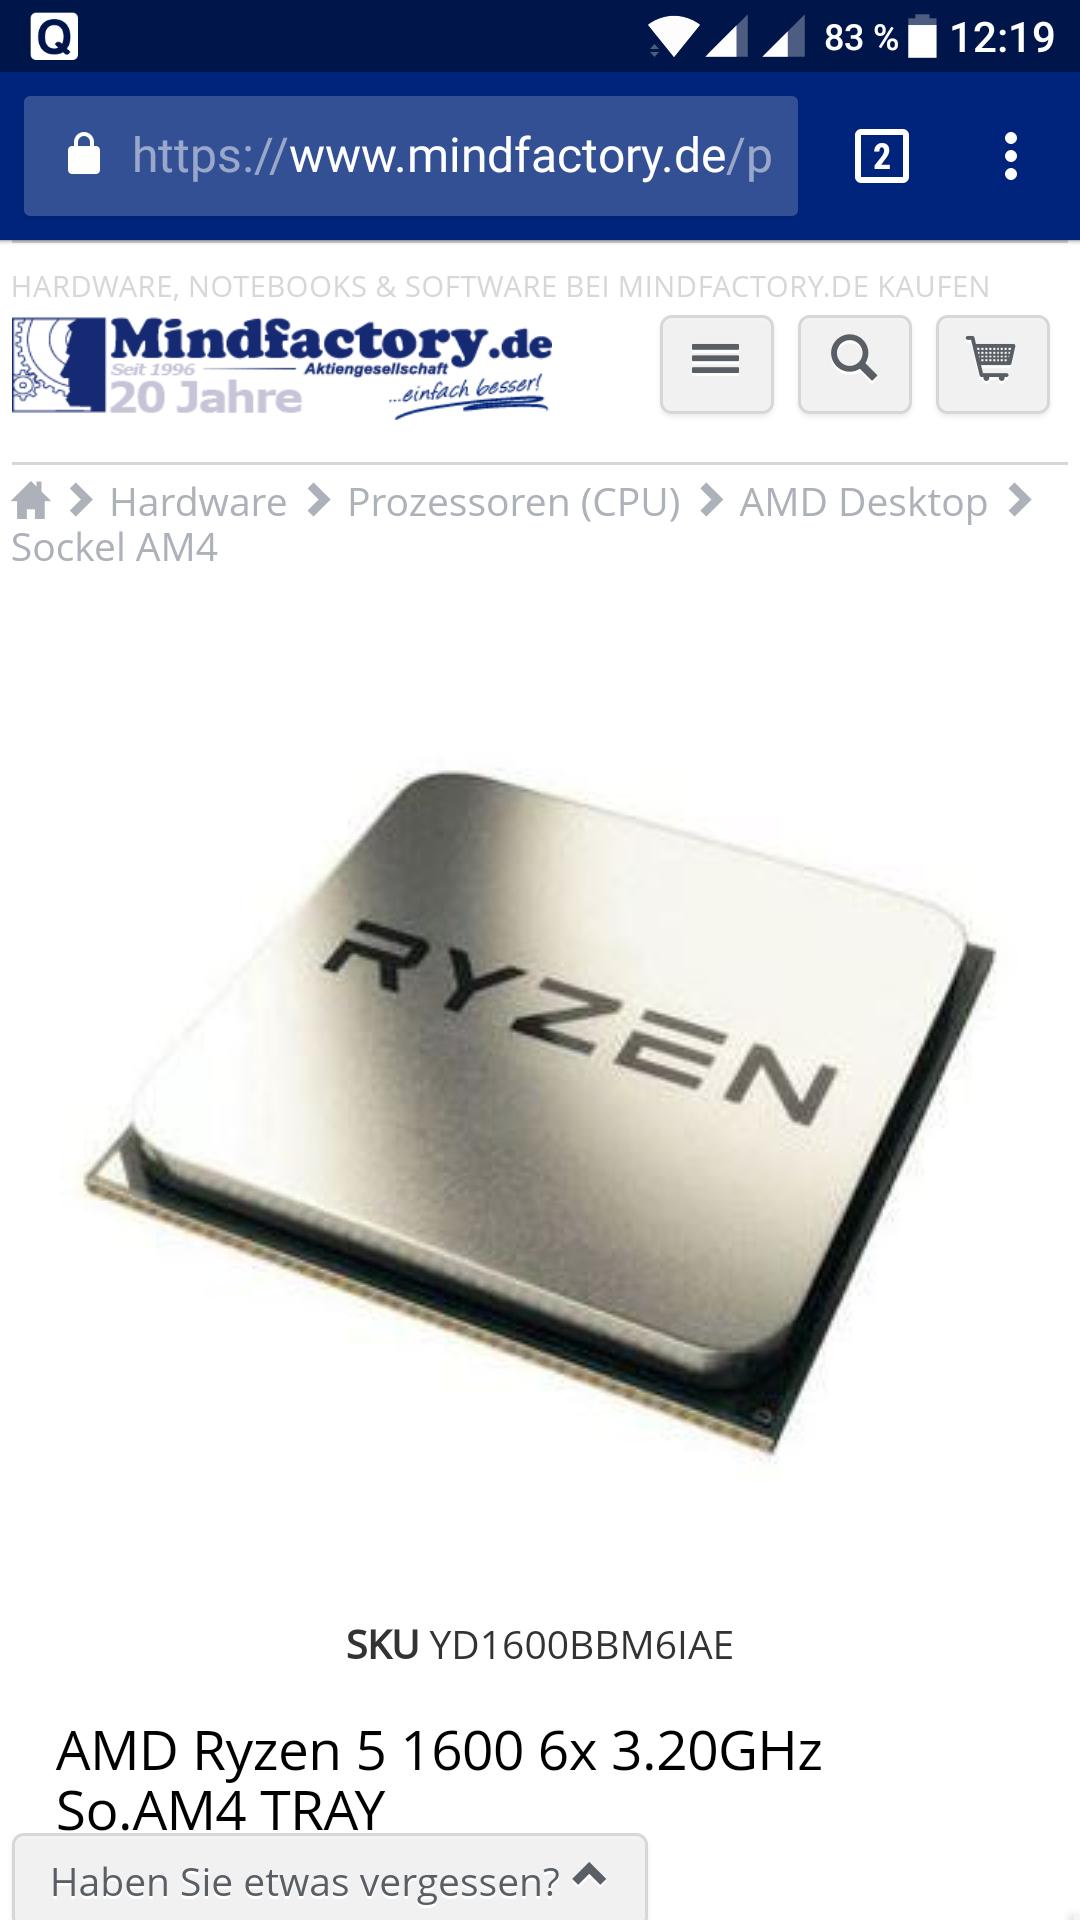 AMD Ryzen 5 1600  6x 3,2 GHz Tray bei mindfactory (über mindstar)